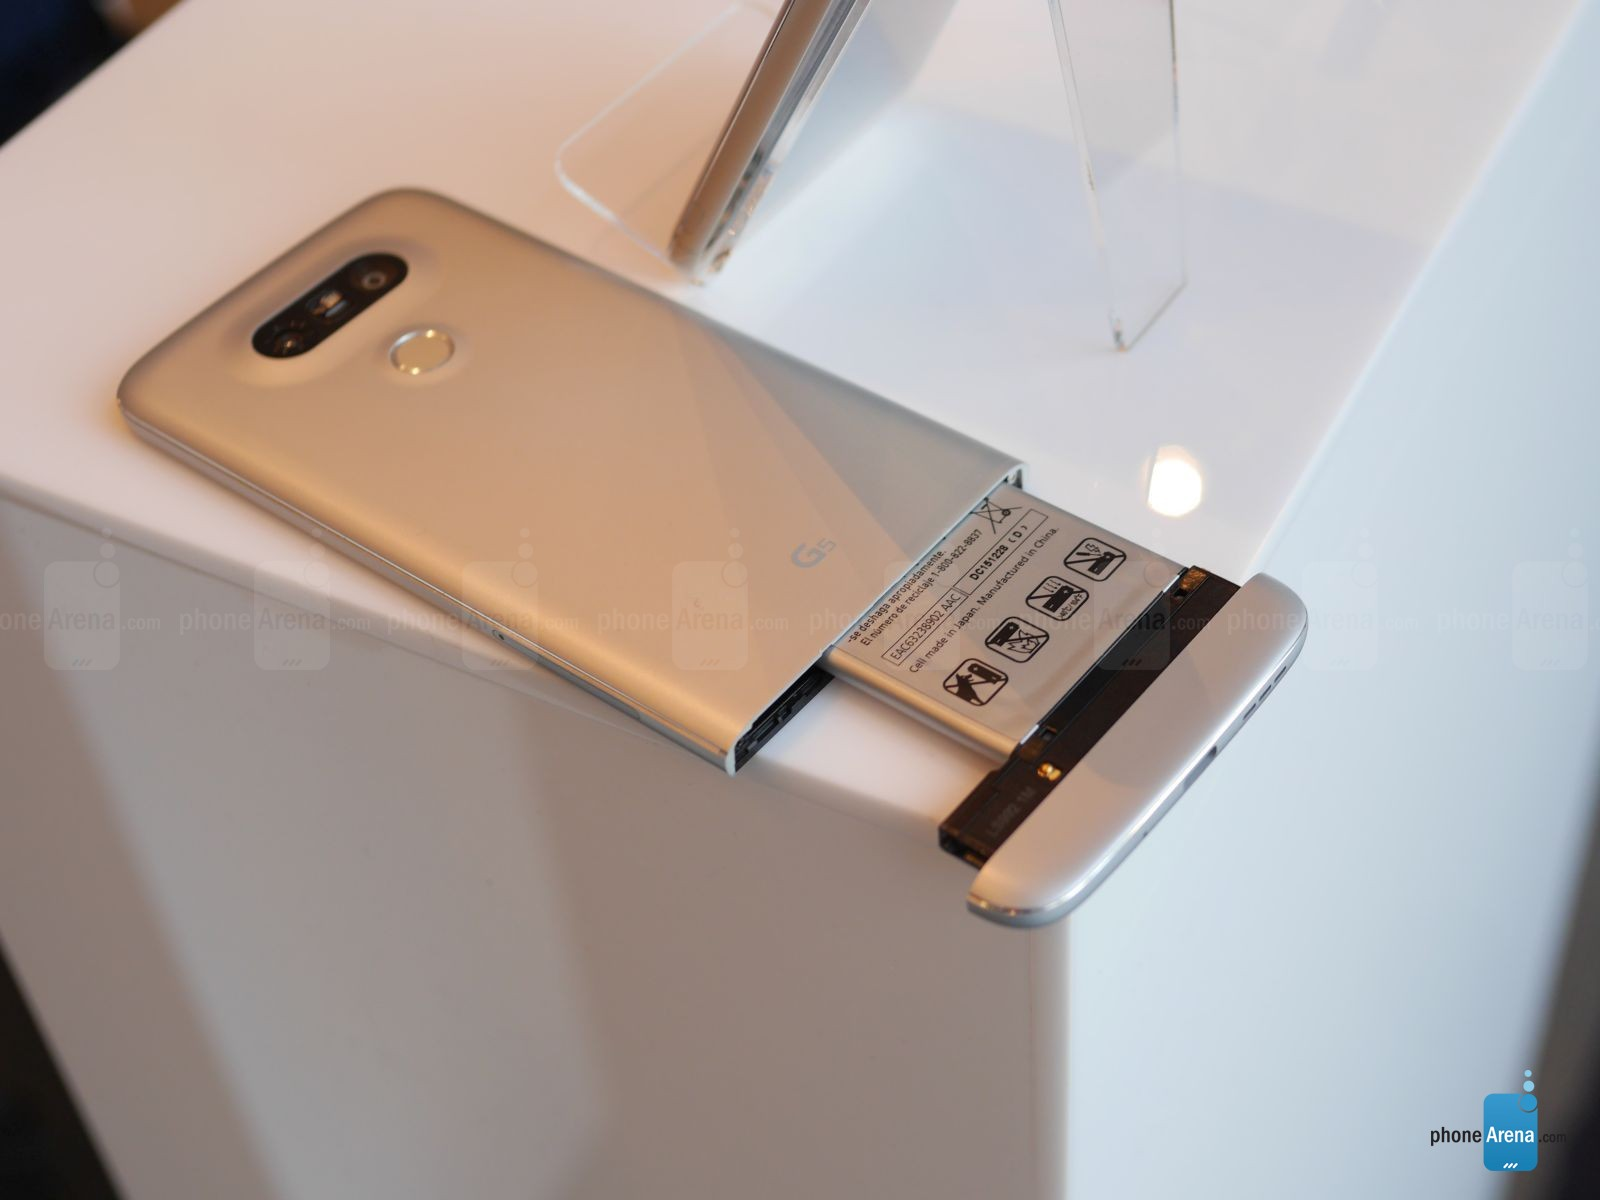 Liệu LG G5 có bị lỗi bootloop giống G4